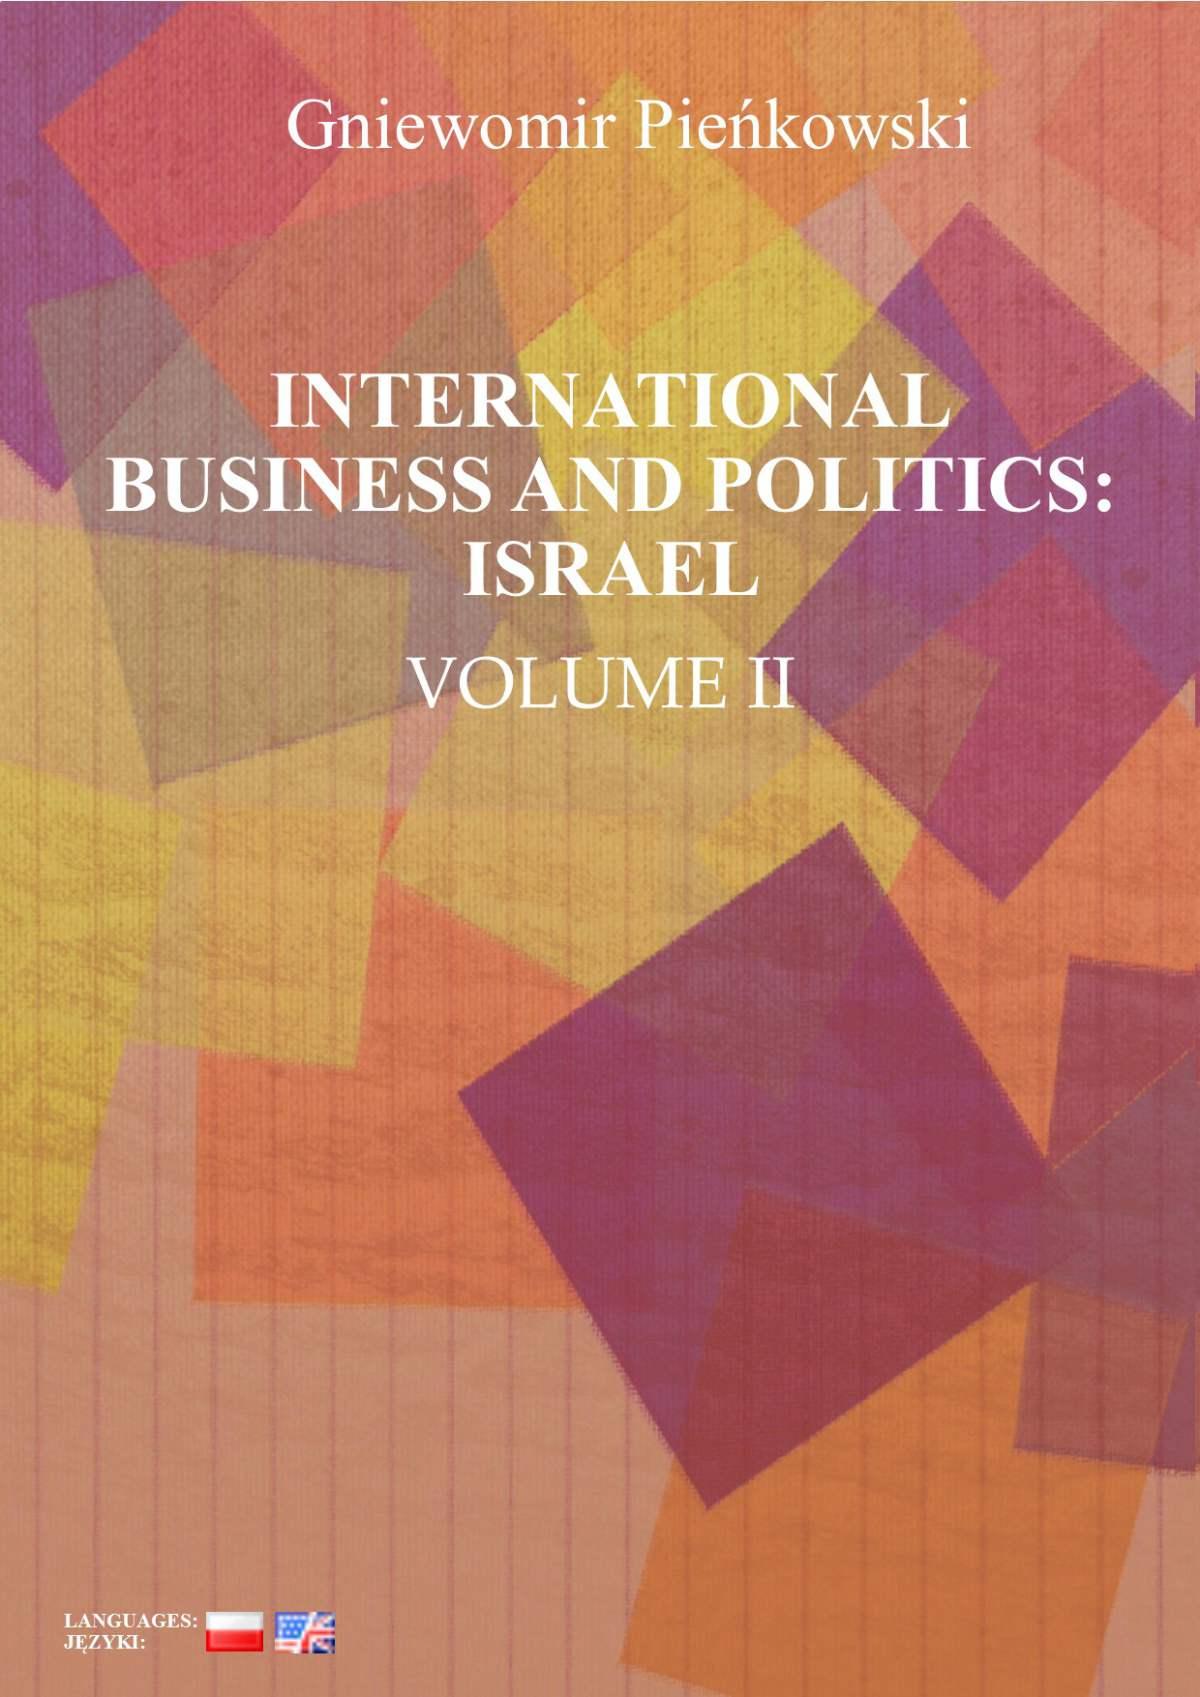 International Business and Politics. Volume II: Israel - Ebook (Książka PDF) do pobrania w formacie PDF